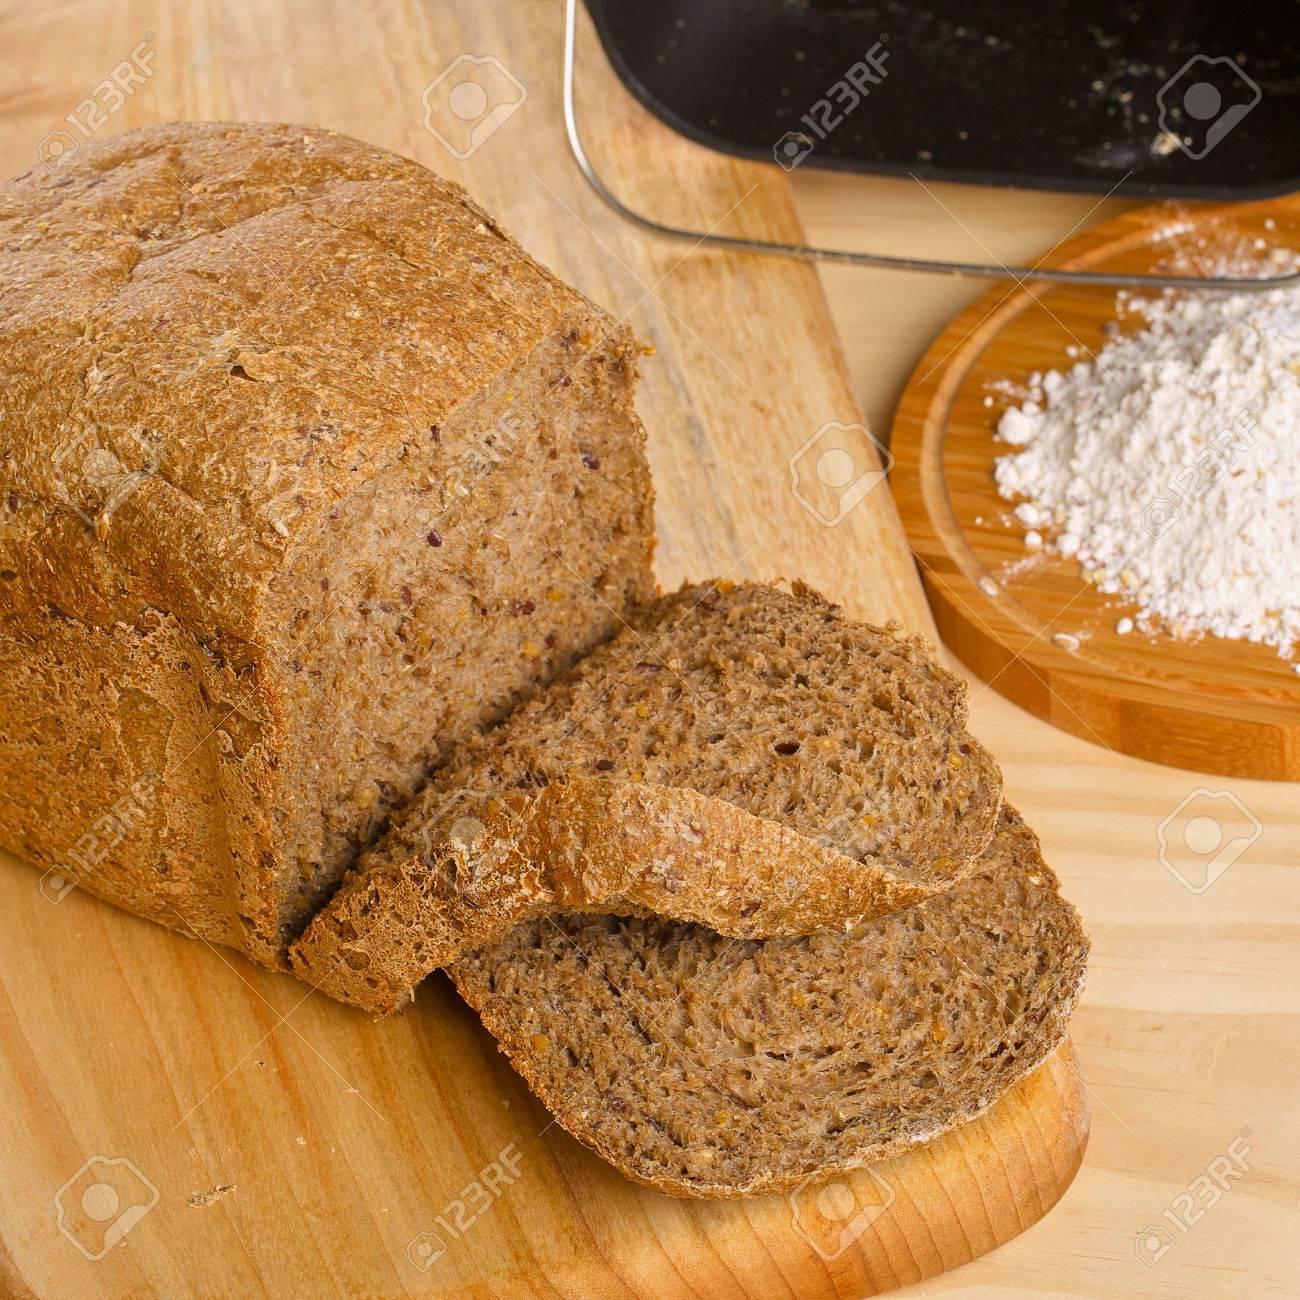 pan de centeno no tiene gluten